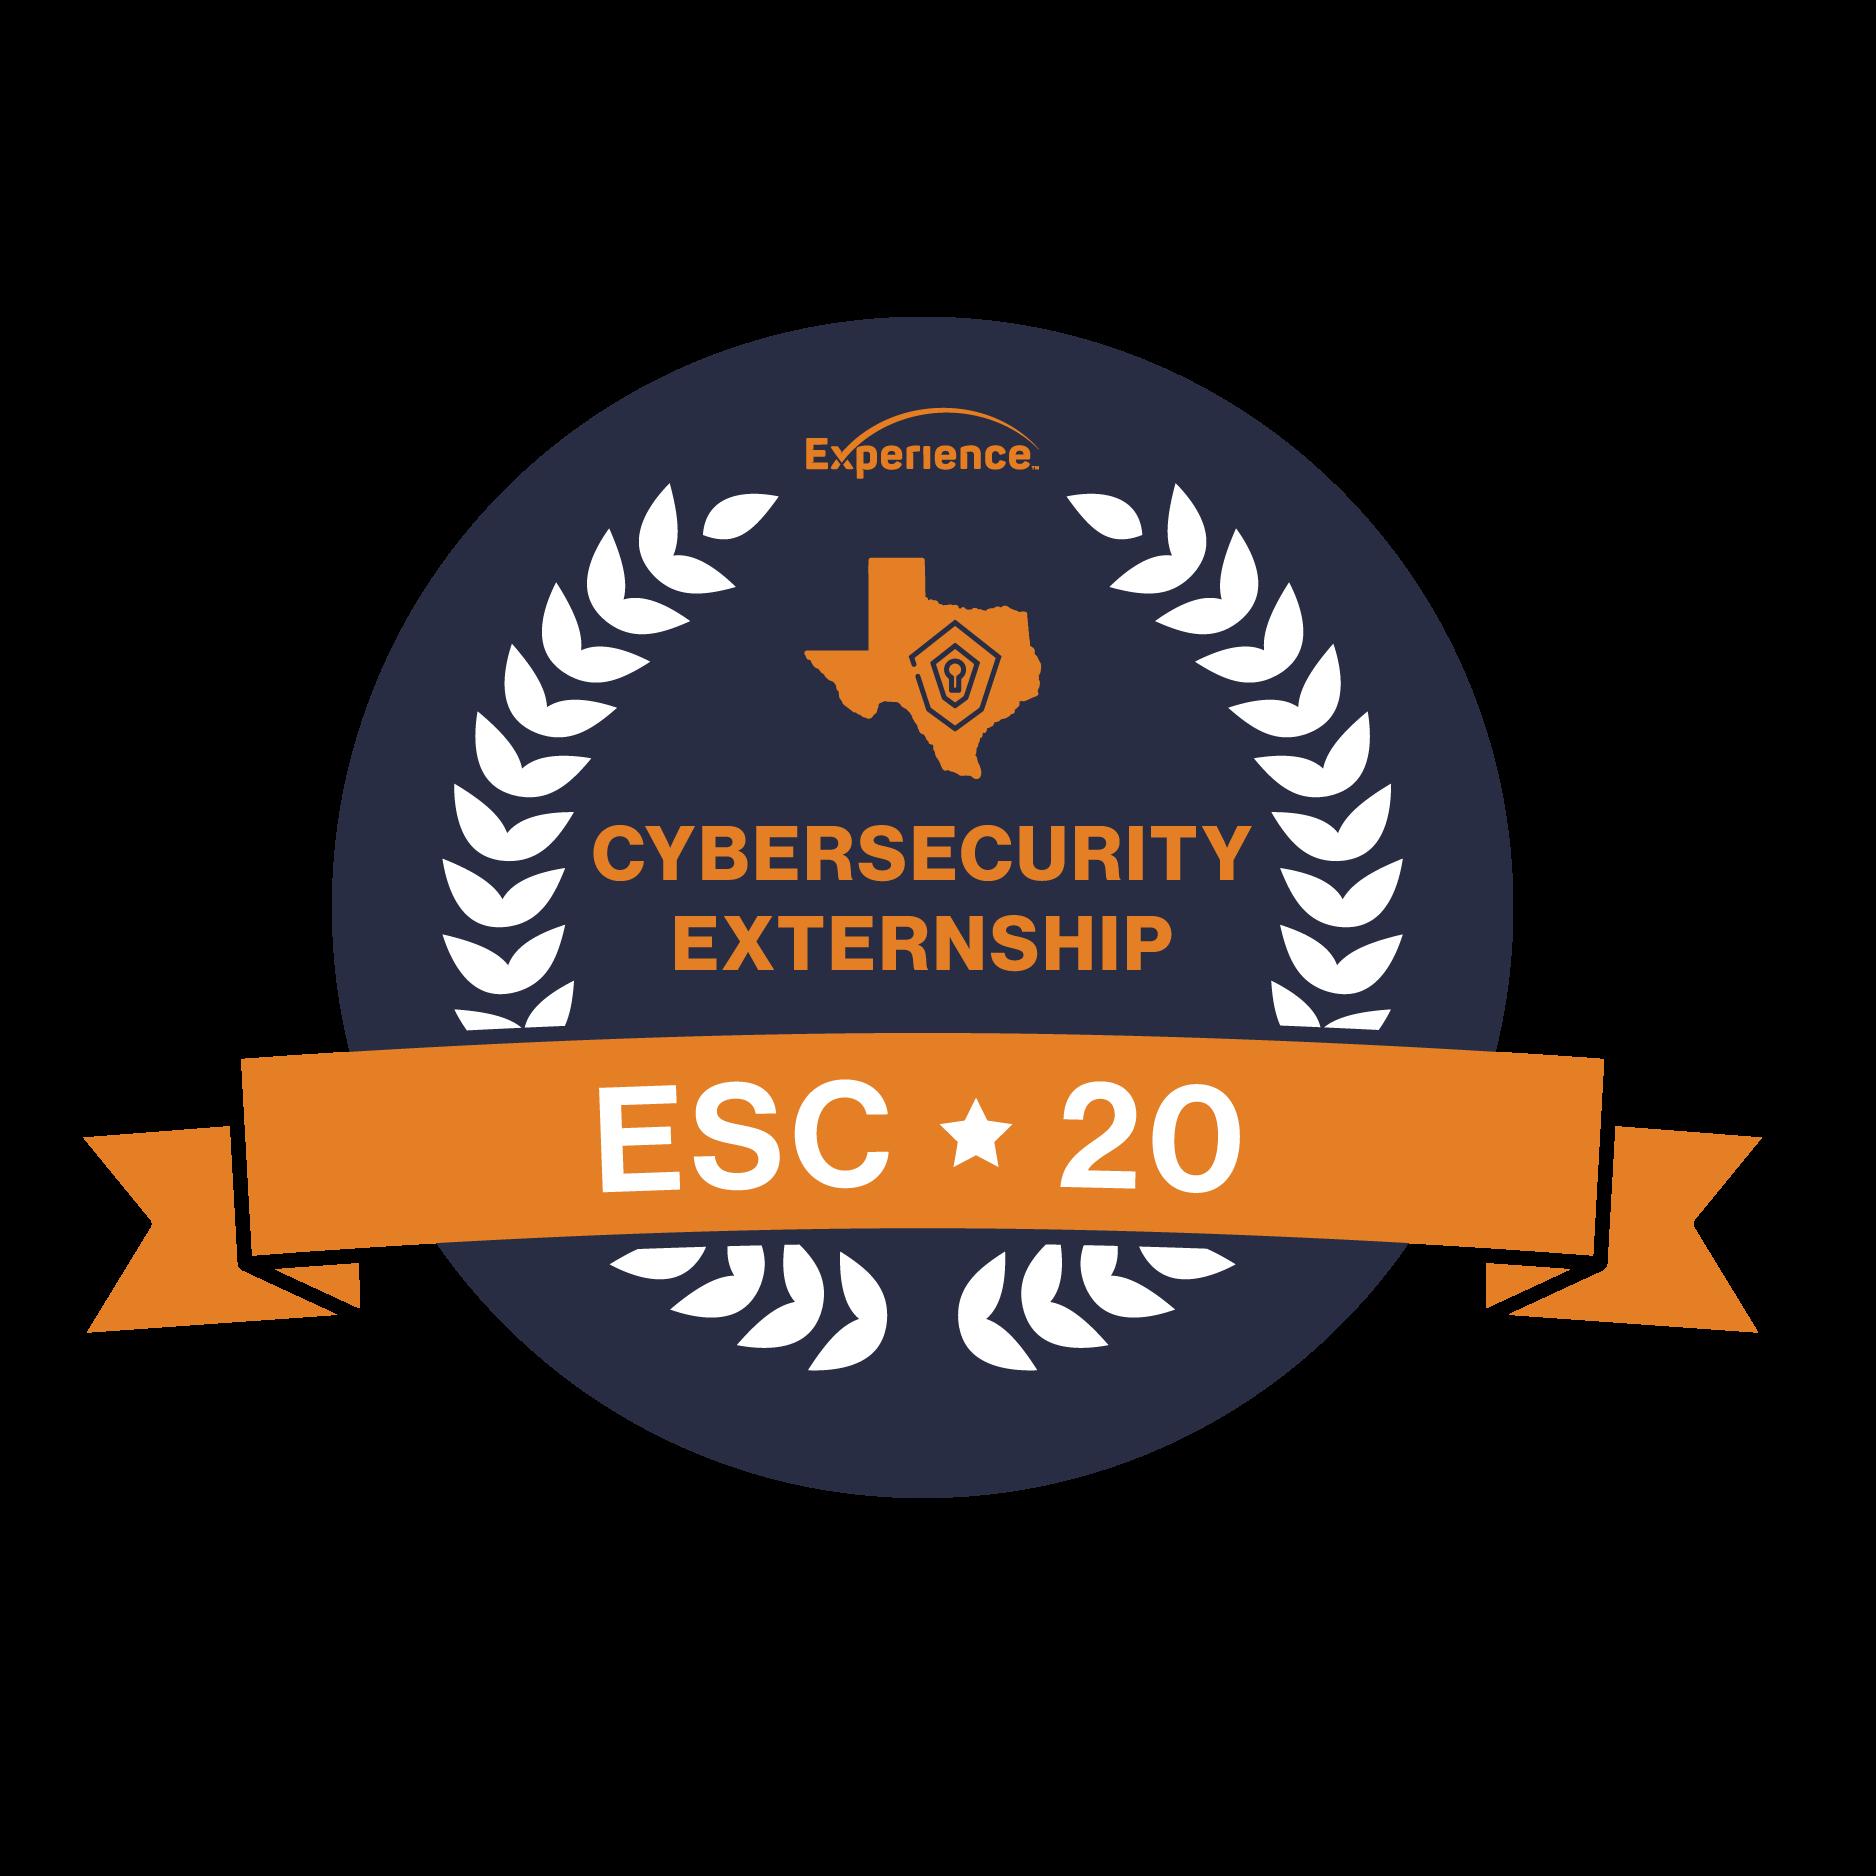 Cybersecurity Externship Challenge Completer